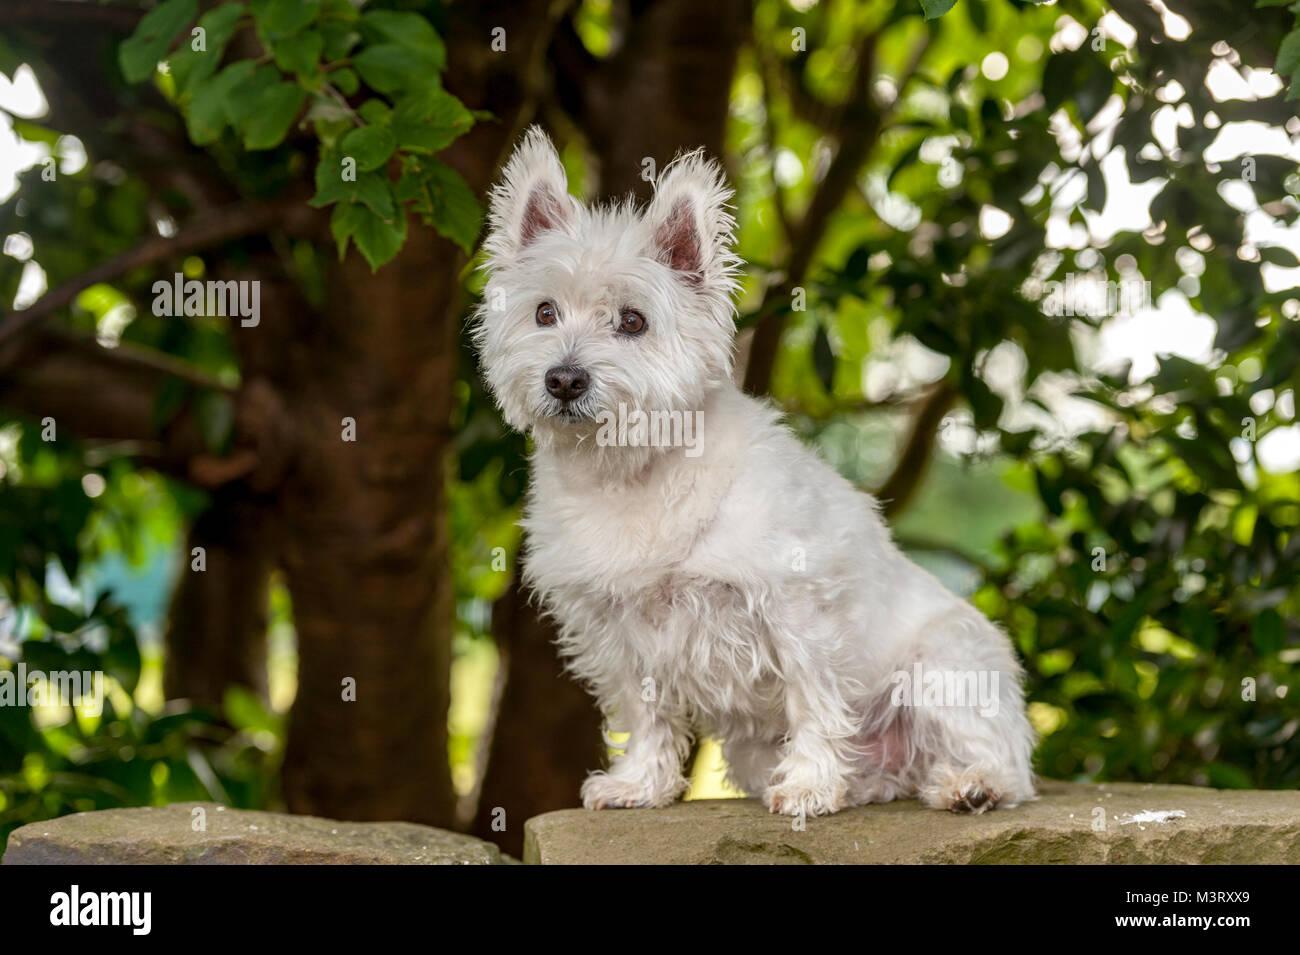 West Highland White Terrier comunemente noto come il Westie, è una razza di cane dalla Scozia con un distintivo bianco cappotto duro con un po' di soft whi Foto Stock